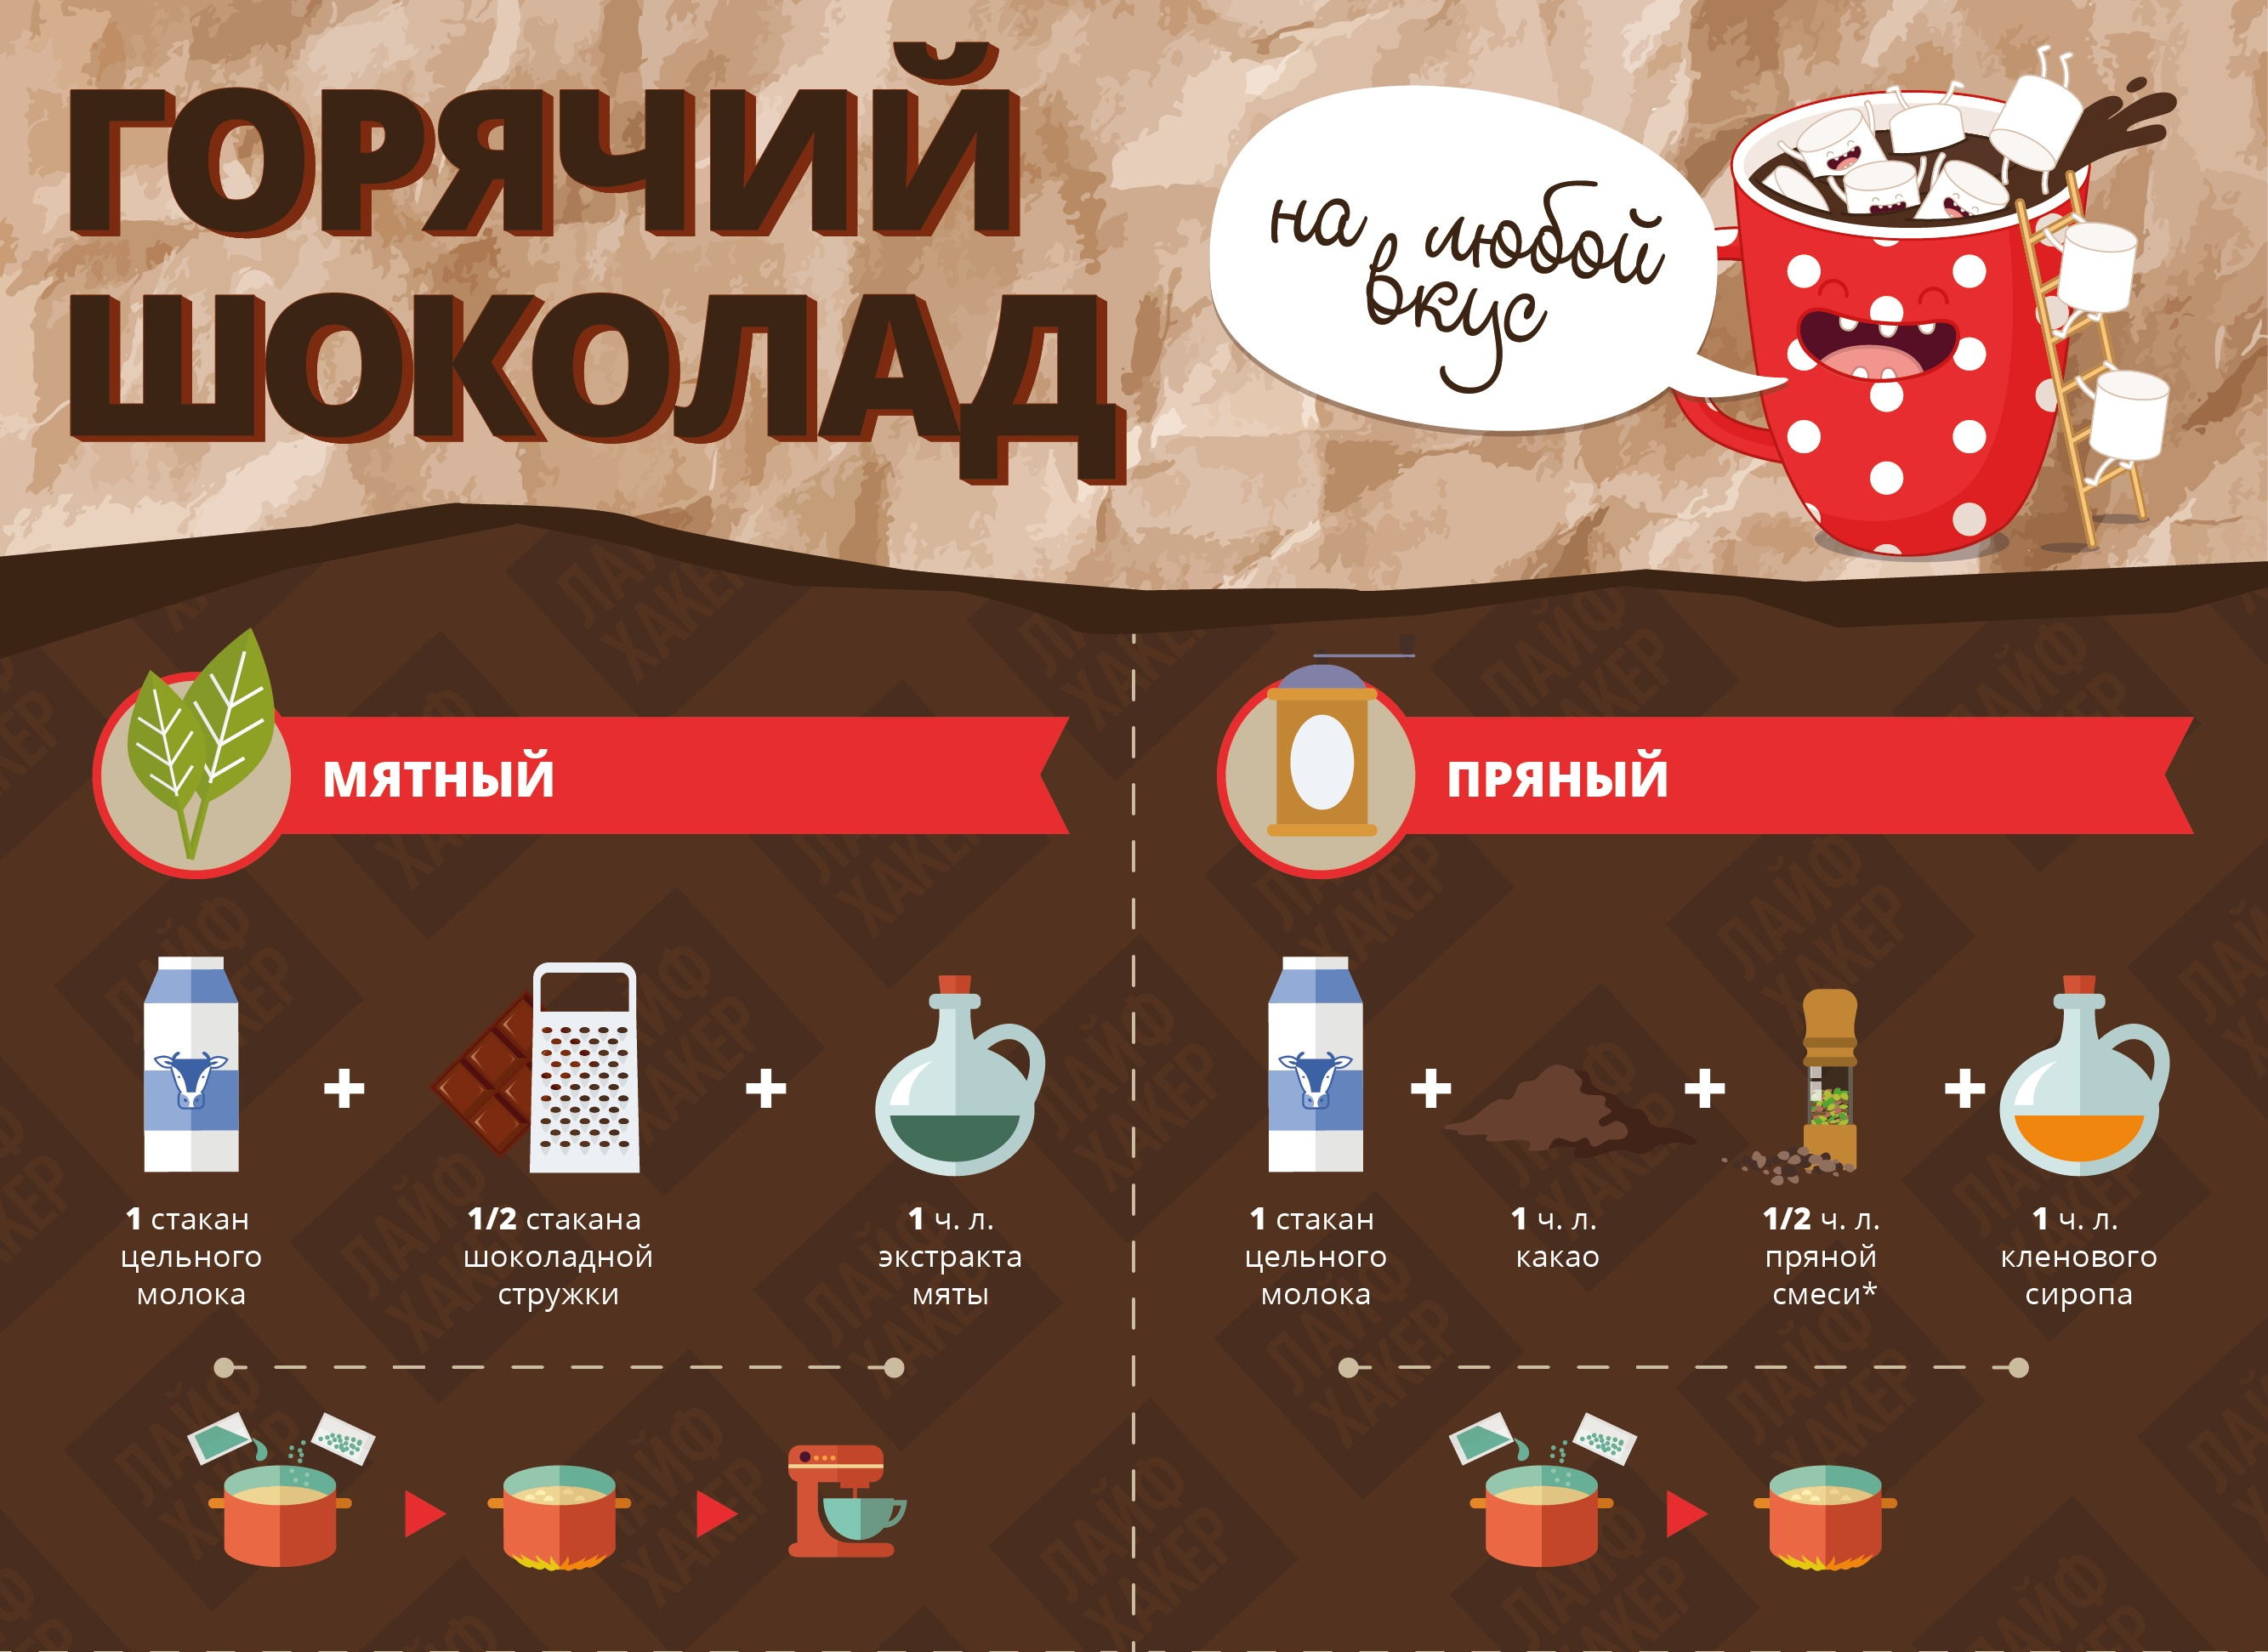 Как приготовить горячие шоколад в домашних условиях рецепт